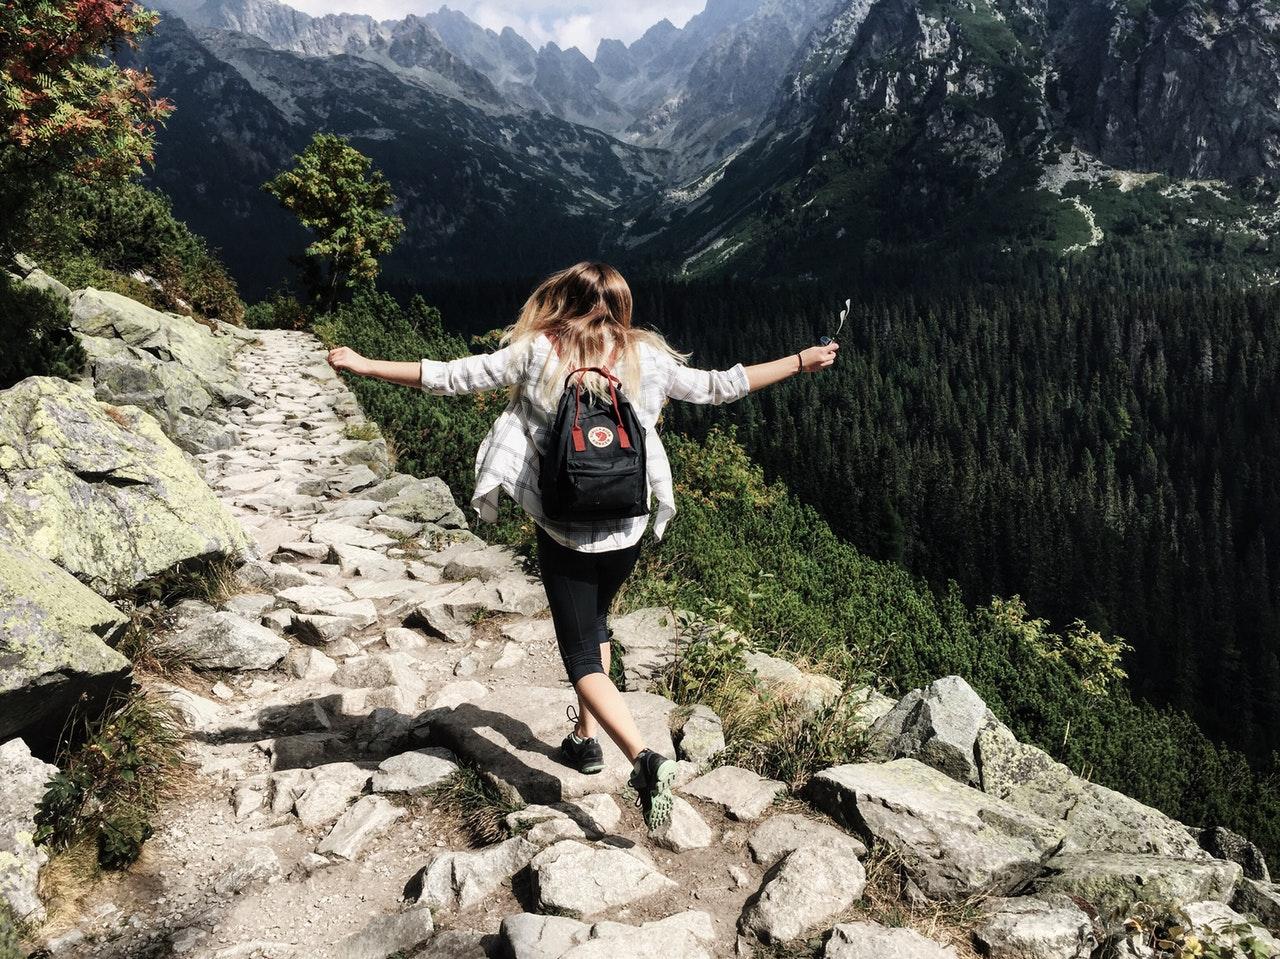 Girl on a volunteer trip